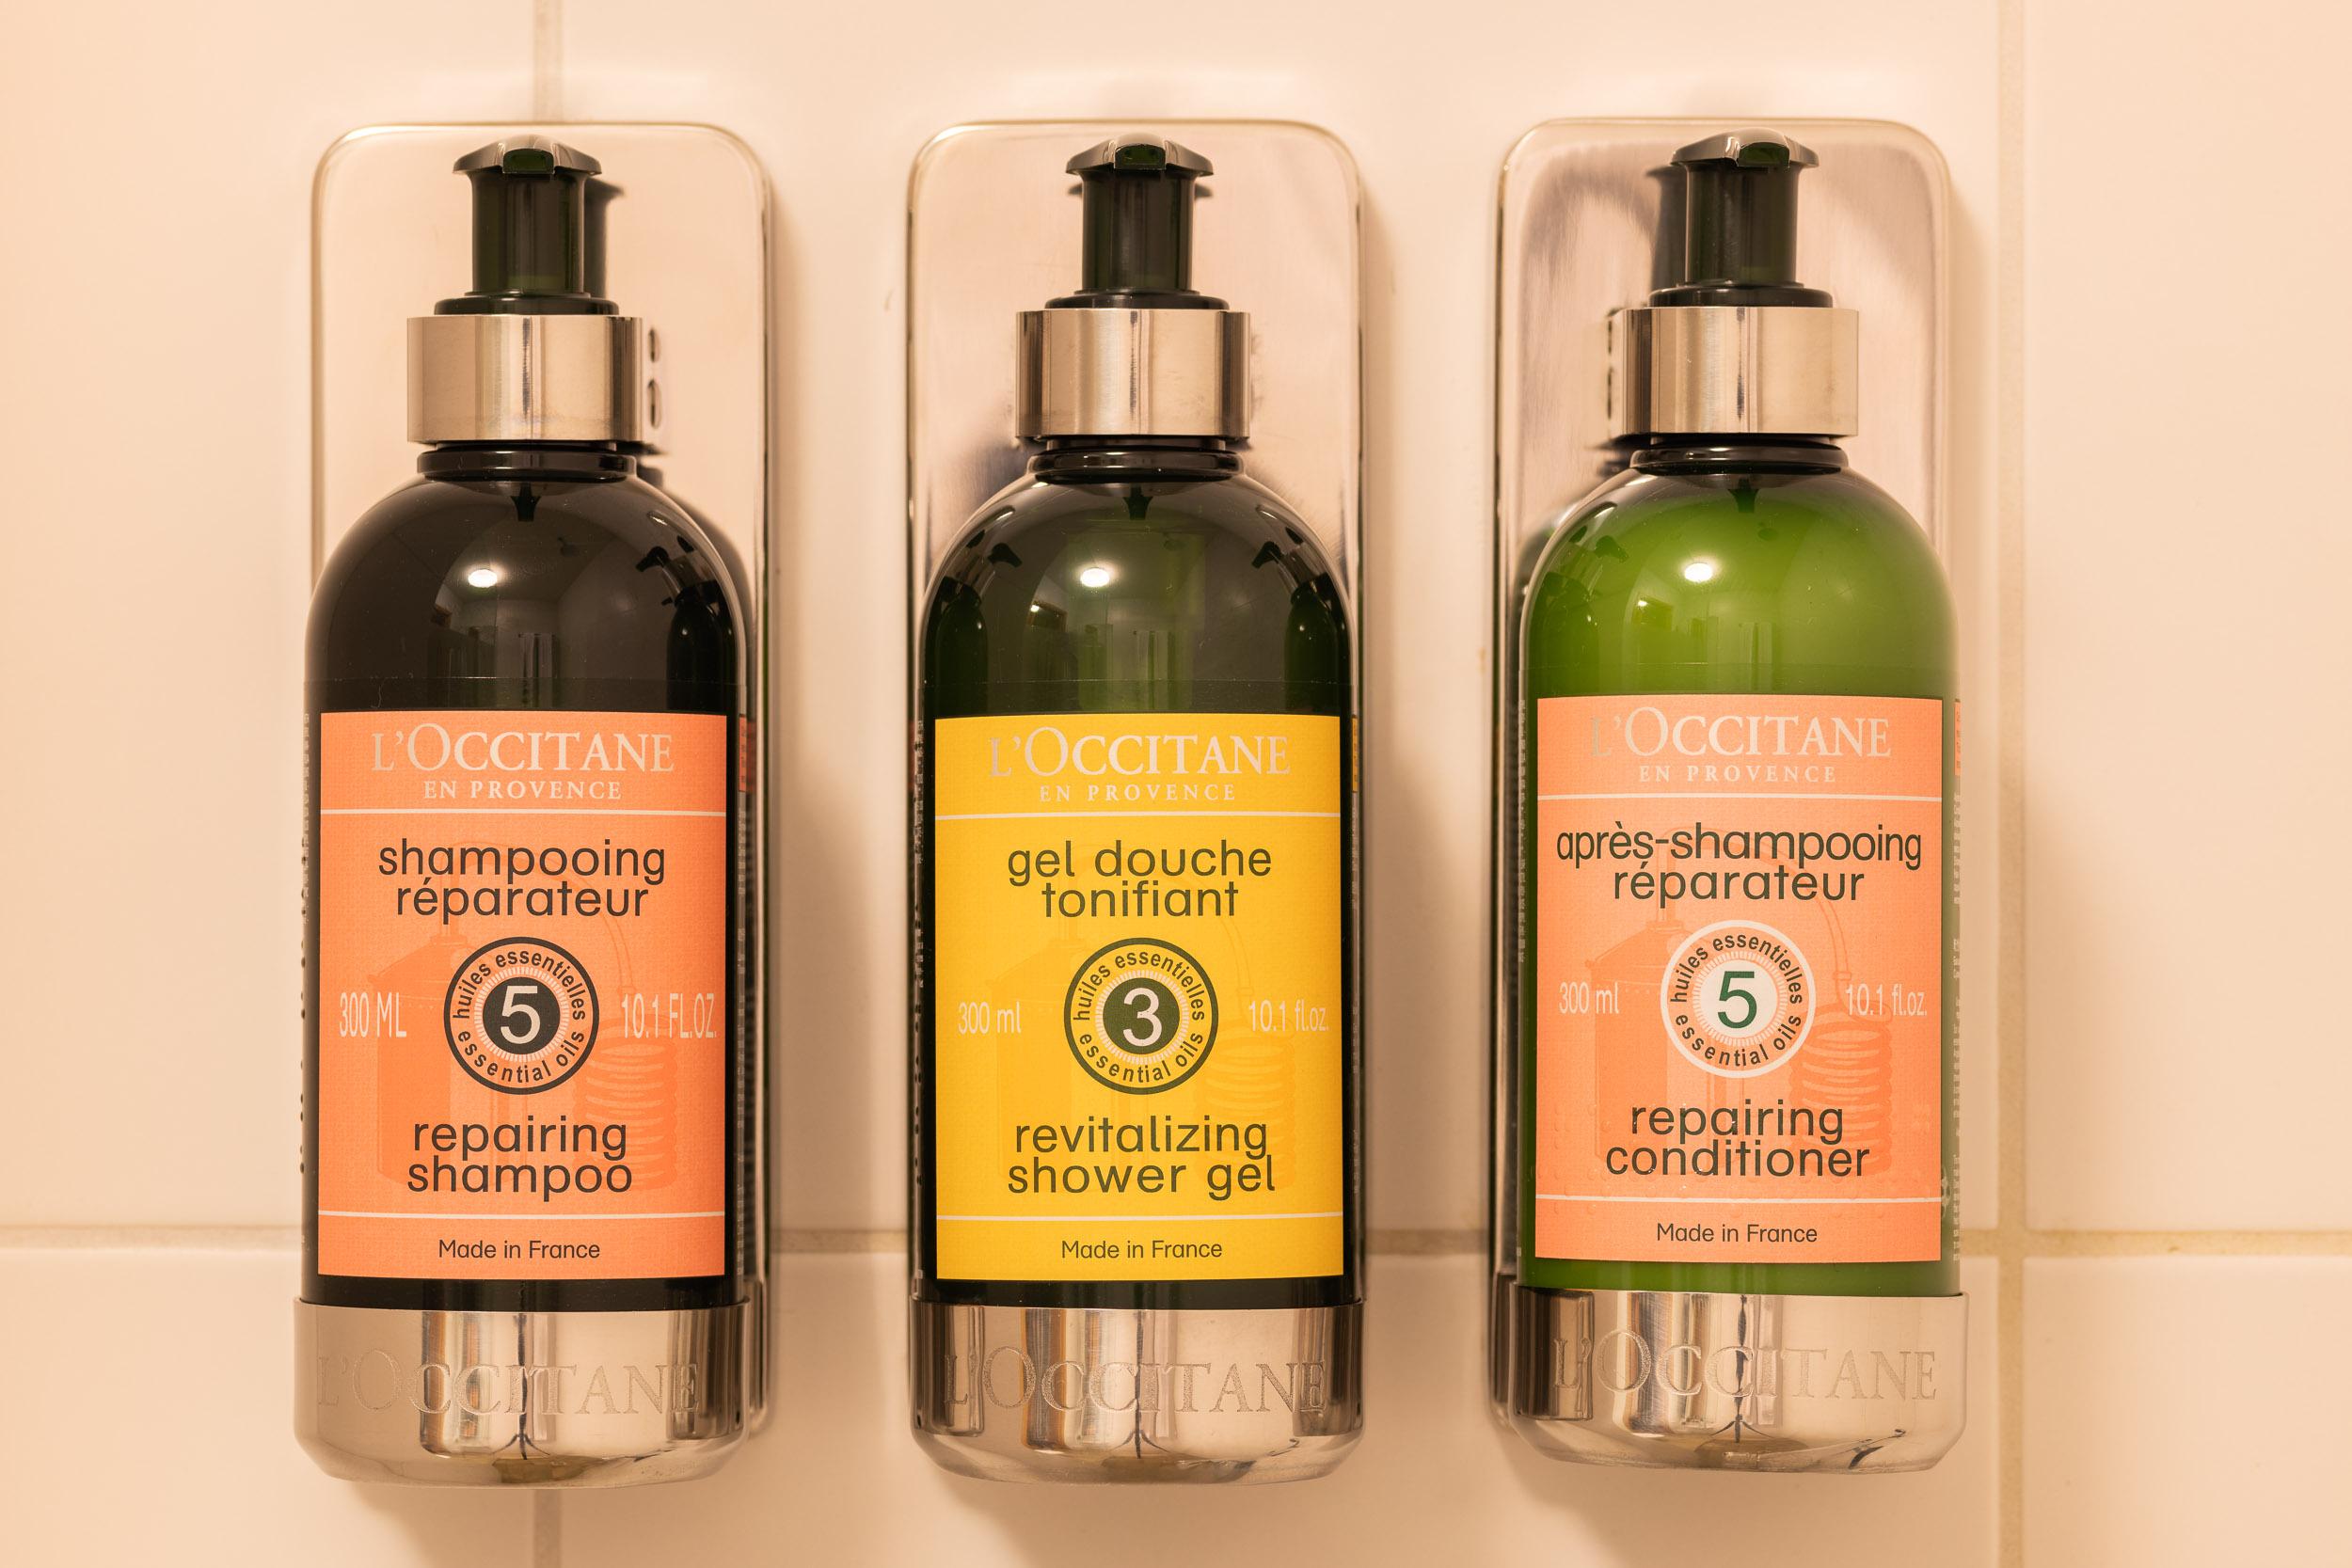 L'Occitane shower soaps